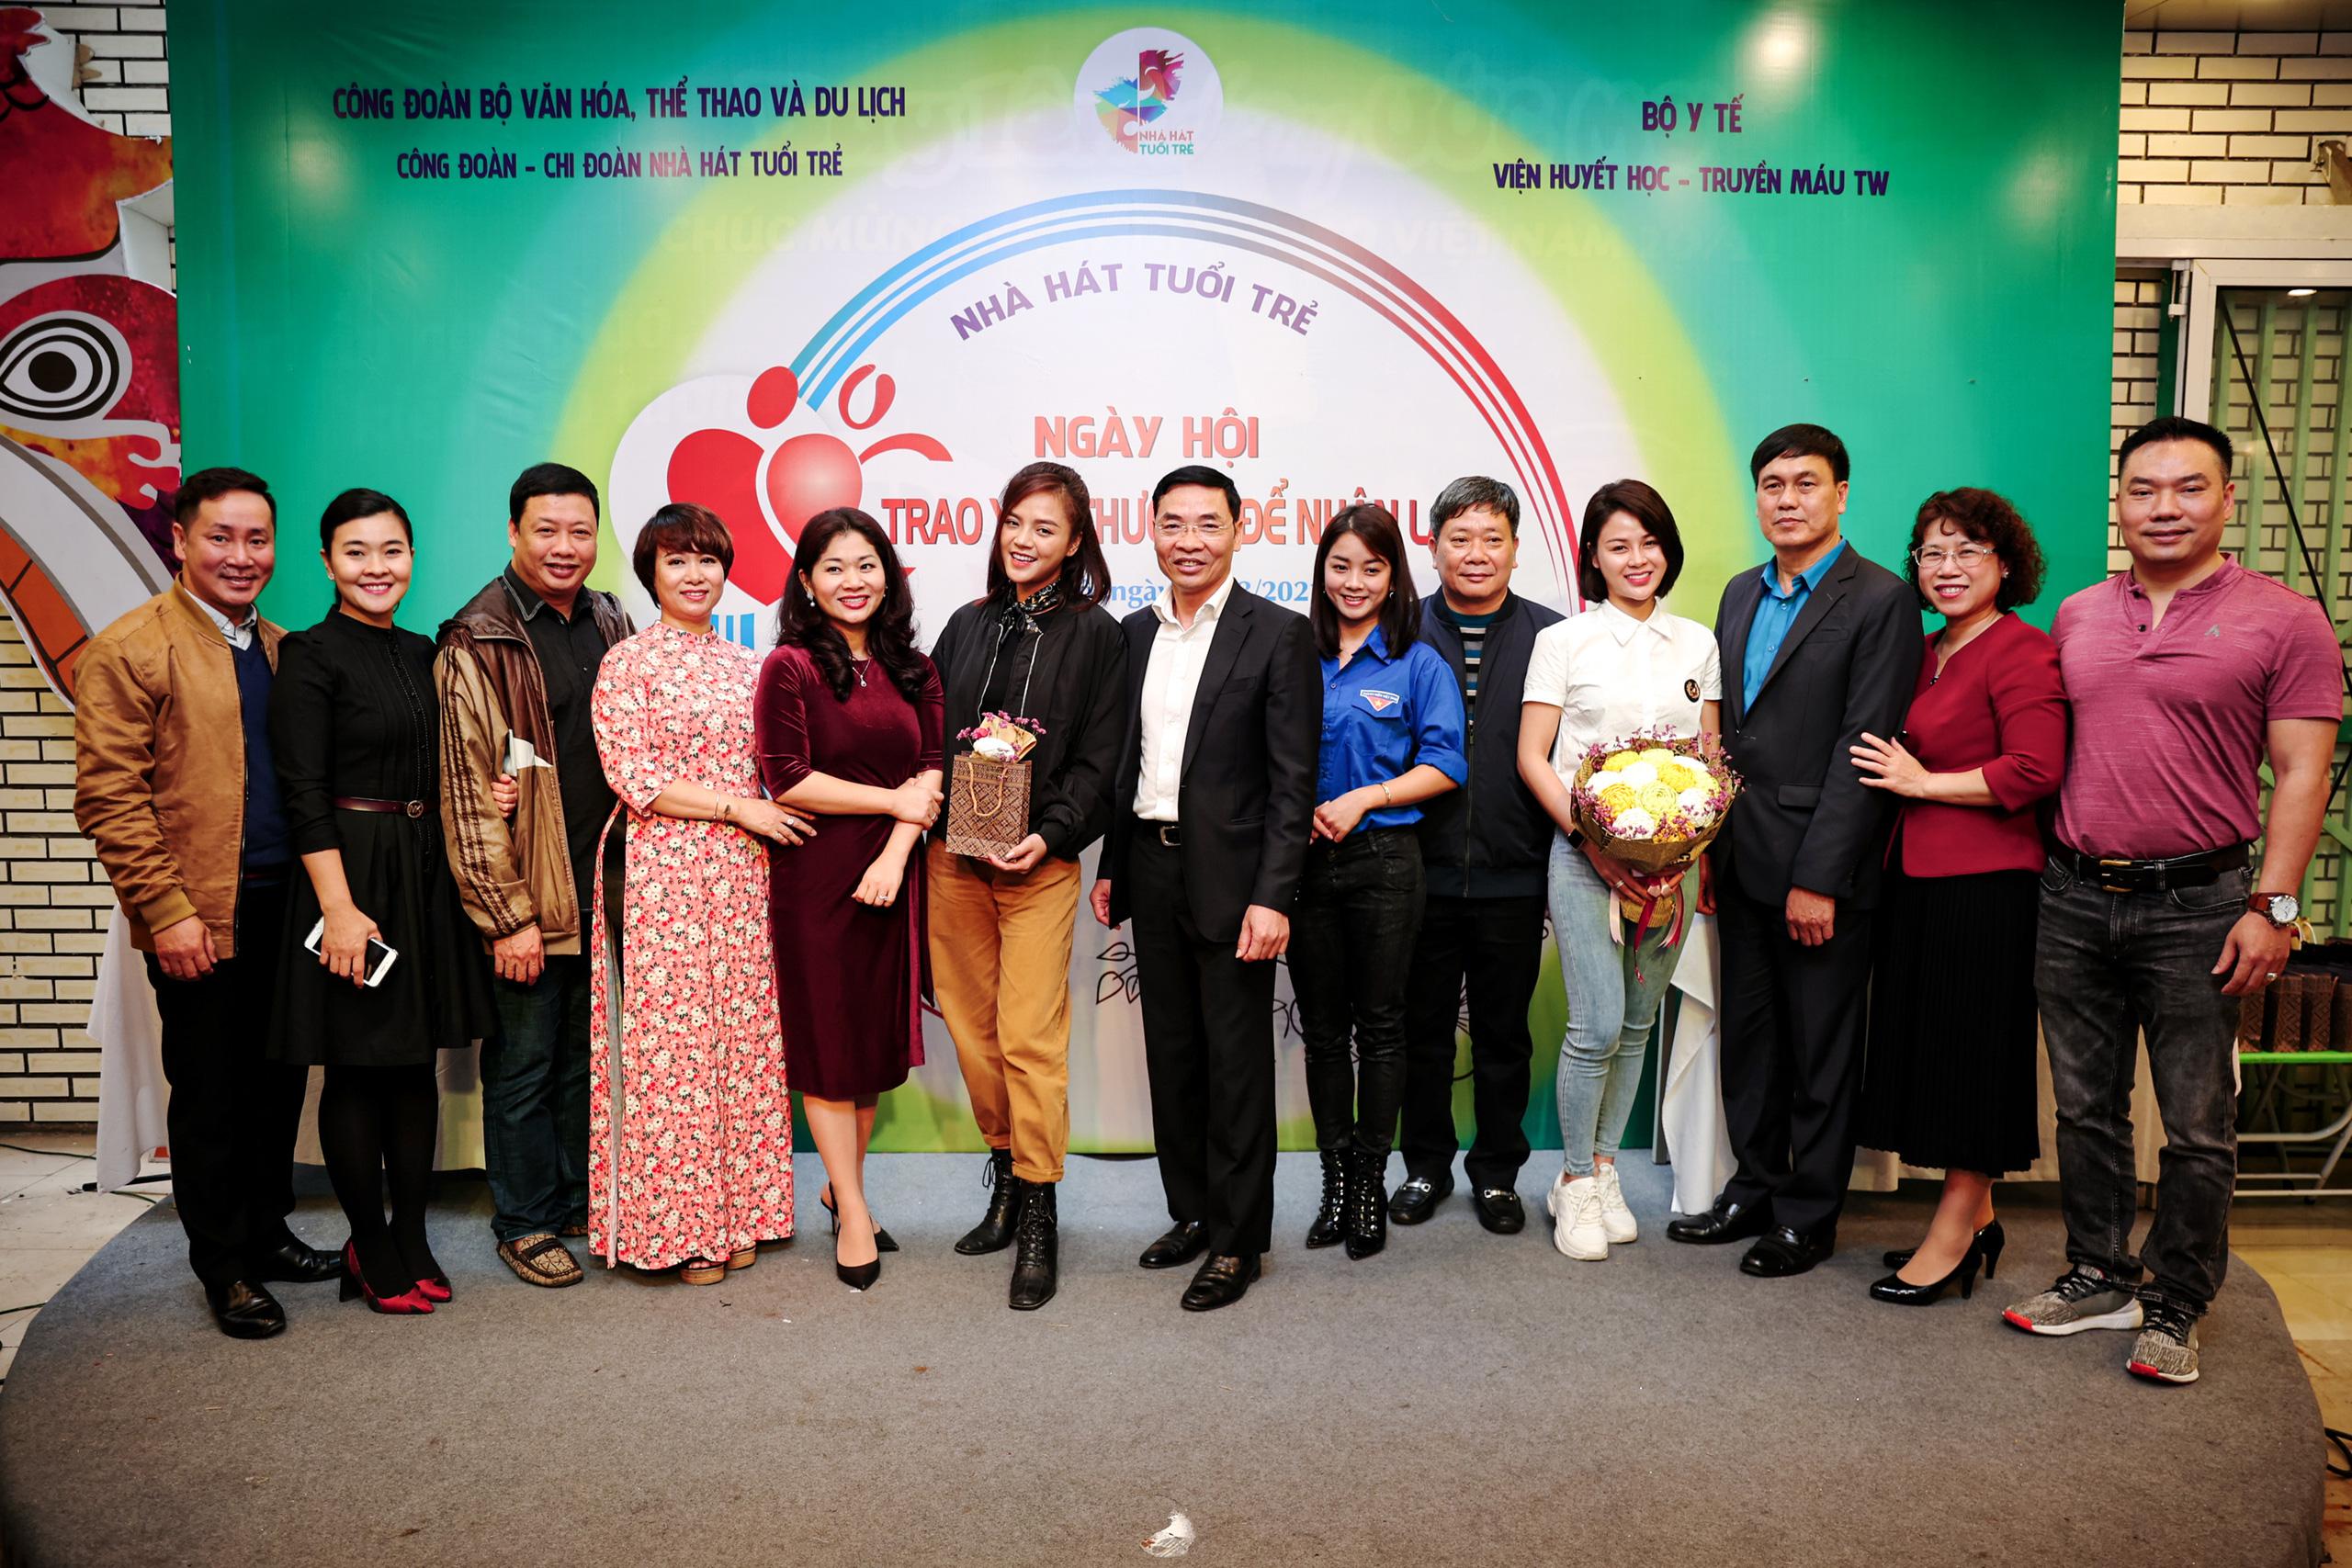 """Đông đảo các nghệ sĩ Việt tham gia hiến máu với thông điệp ý nghĩa """"Trao yêu thương để nhận lại"""" - Ảnh 10."""